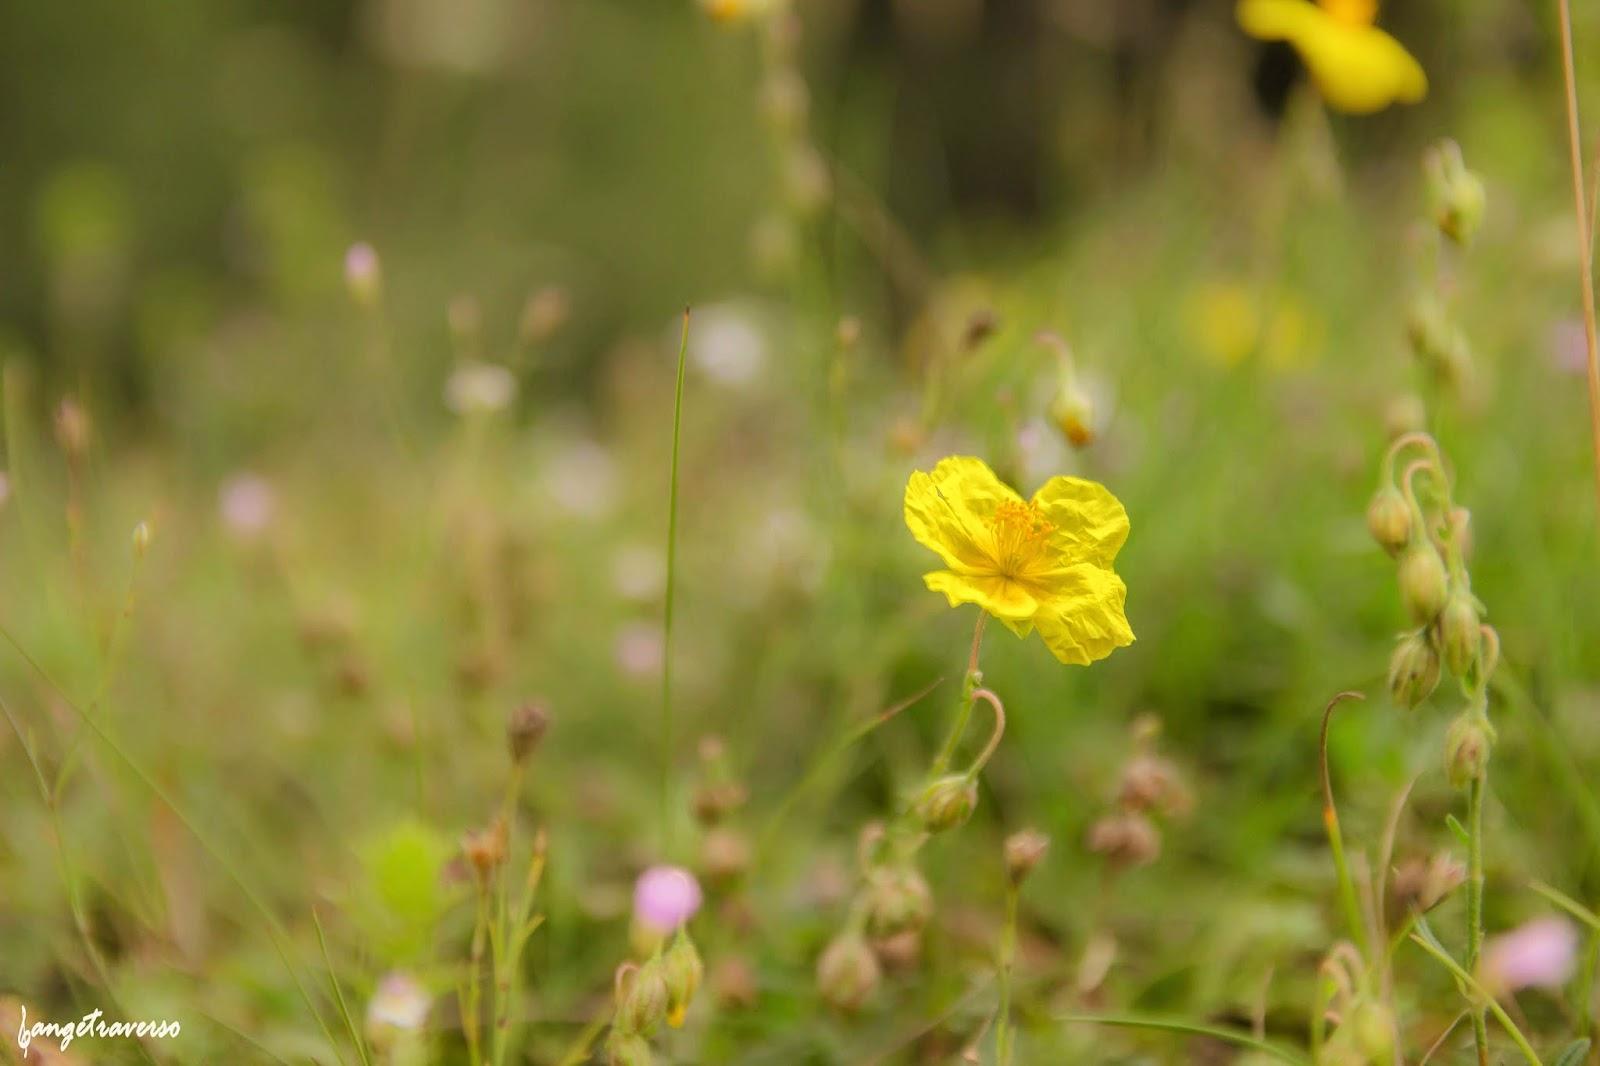 Flore des Alpes, Savoie, Termignon